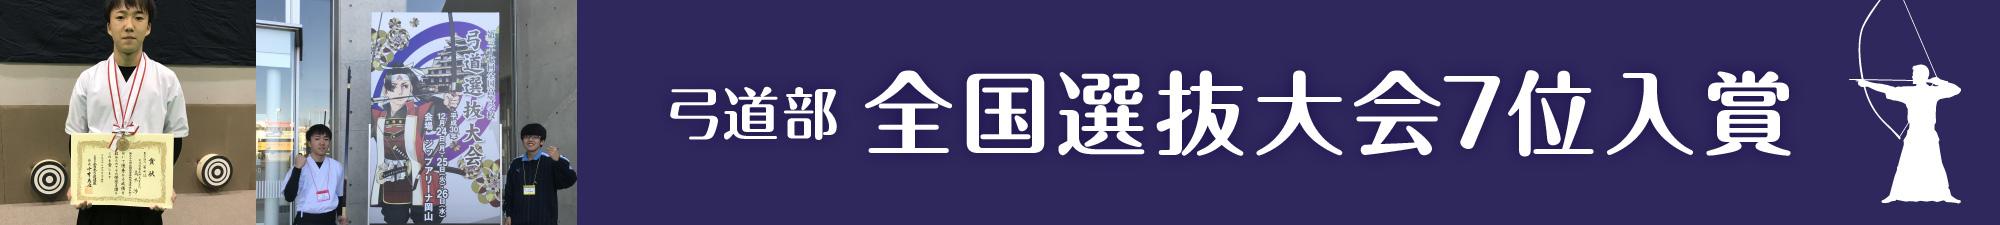 弓道部 全国選抜大会7位入賞